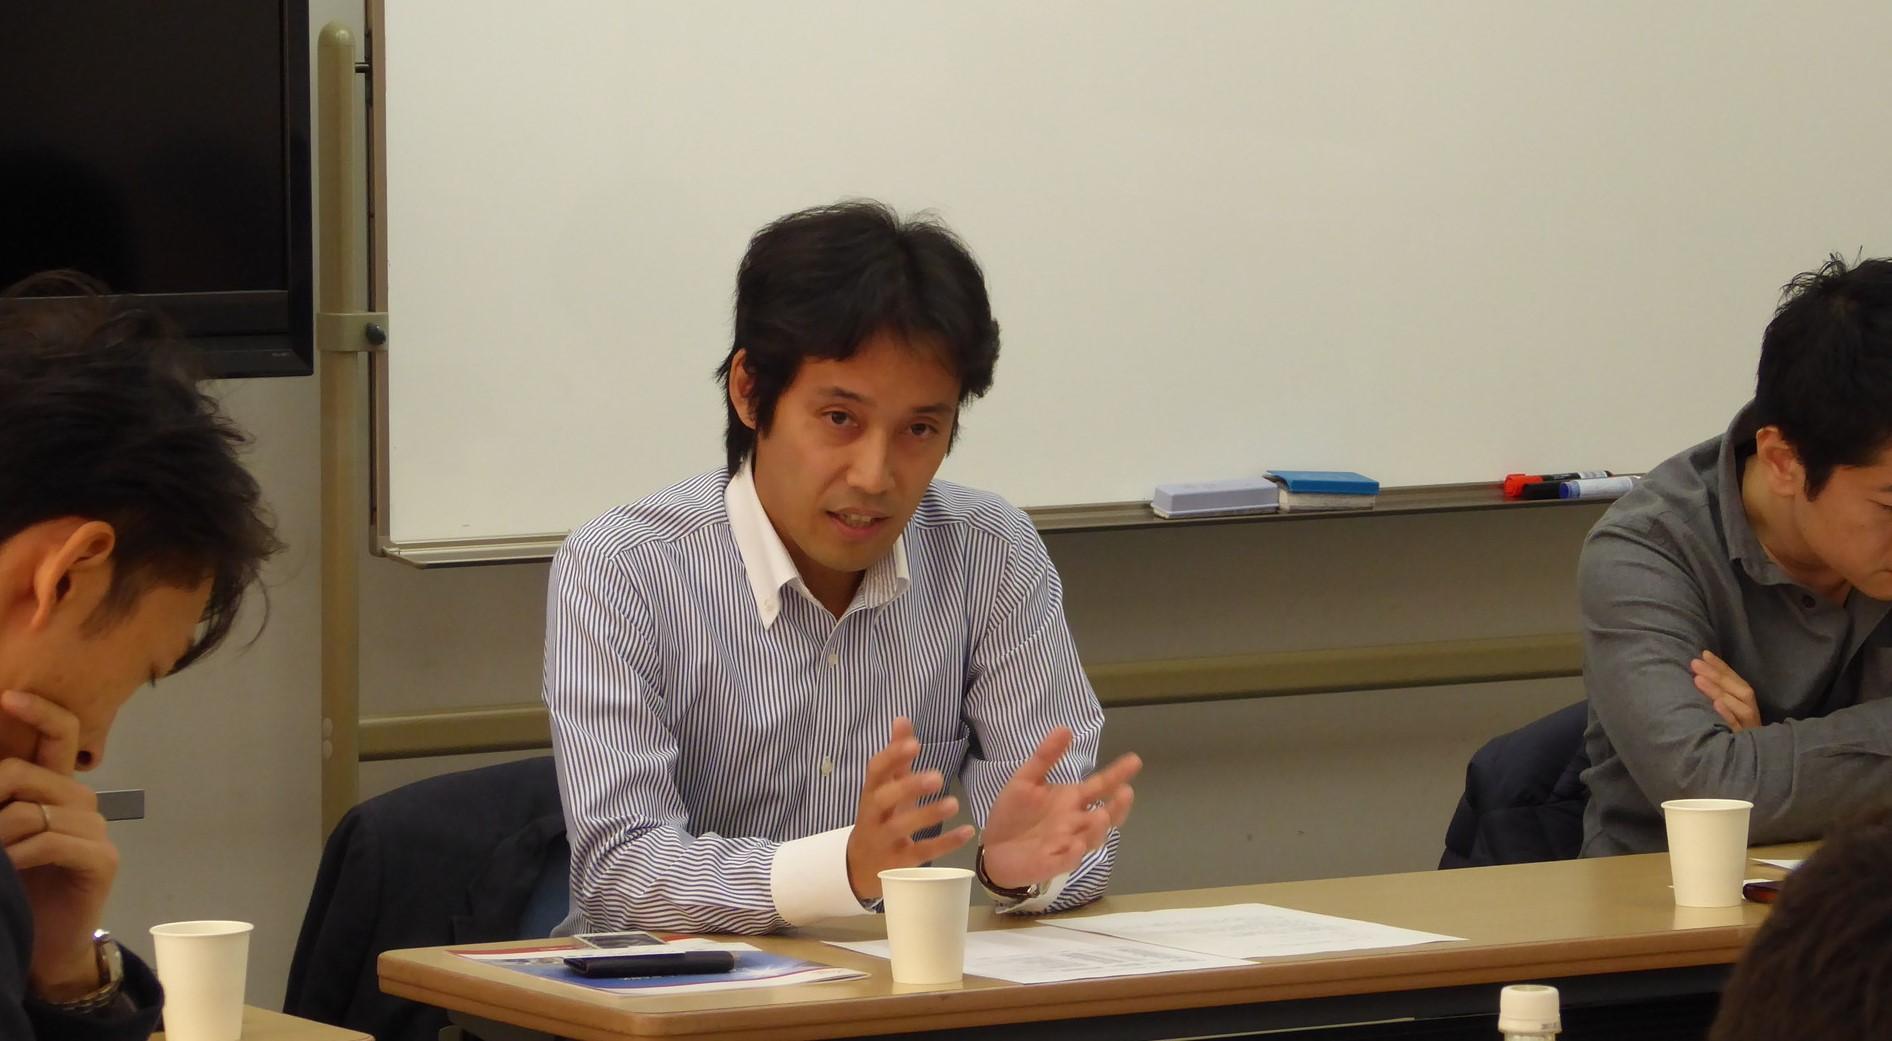 五十嵐正理さん(1995年情報学部経営情報学科卒)